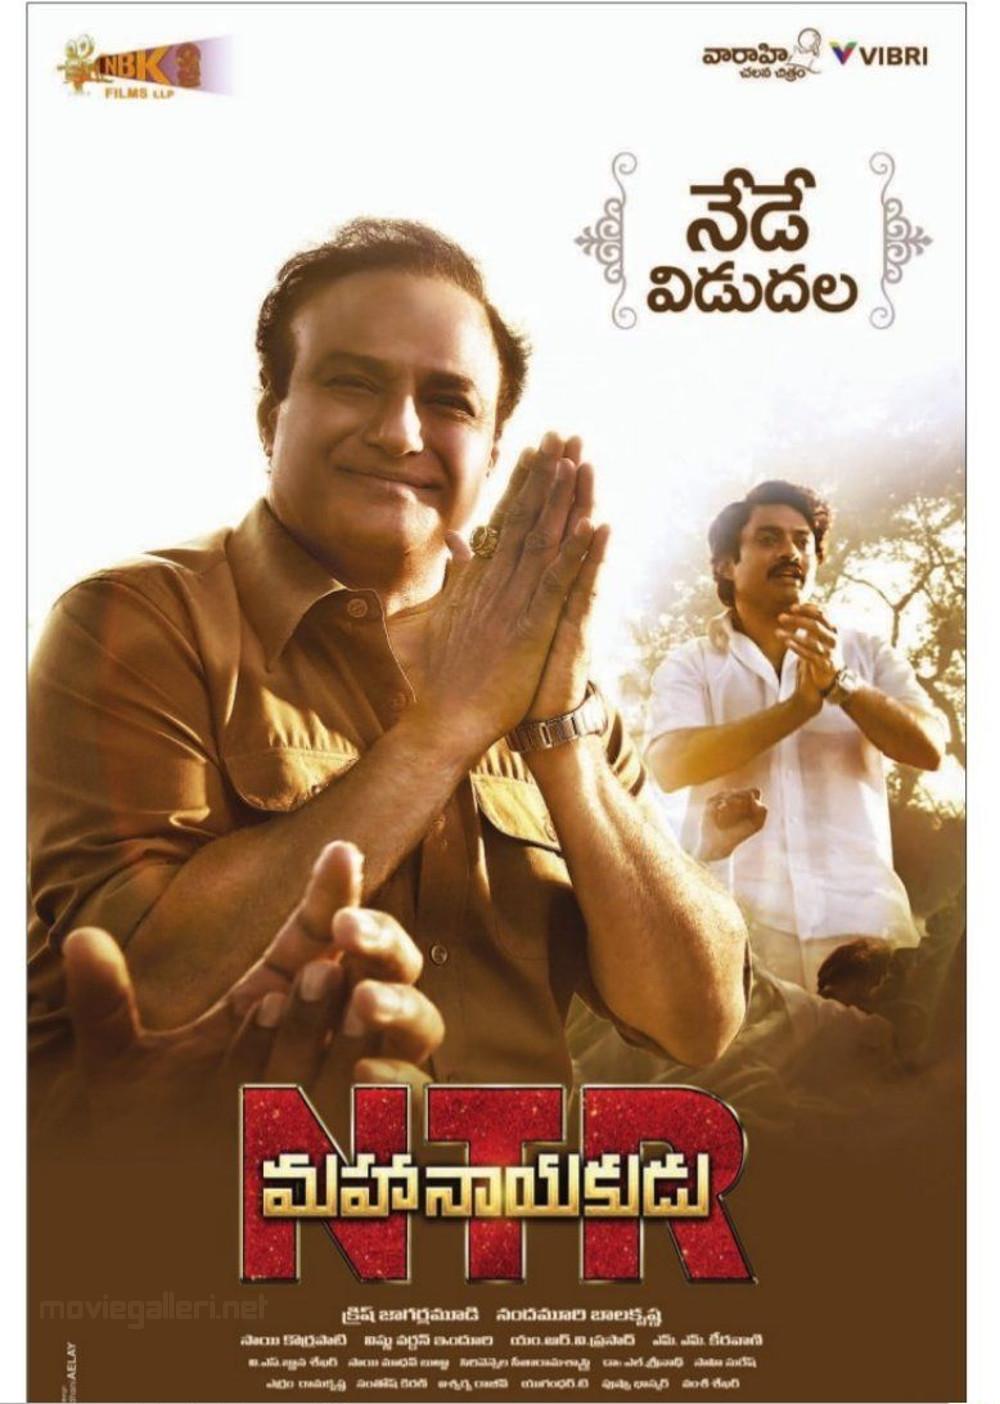 Nandamuri Balakrishna, Kalyan Ram in NTR Mahanayakudu Movie Release Today Poster HD